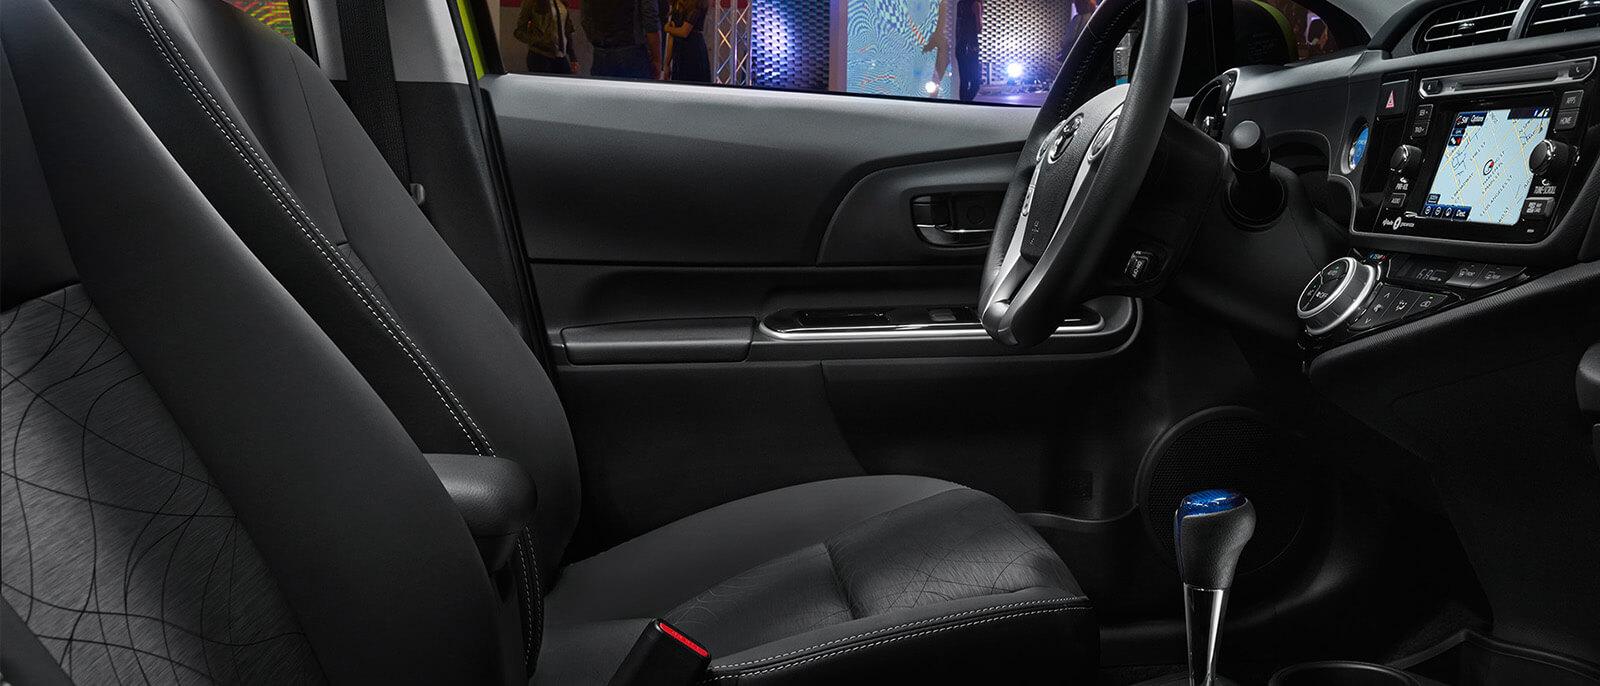 2016 Toyota Prius c Interior